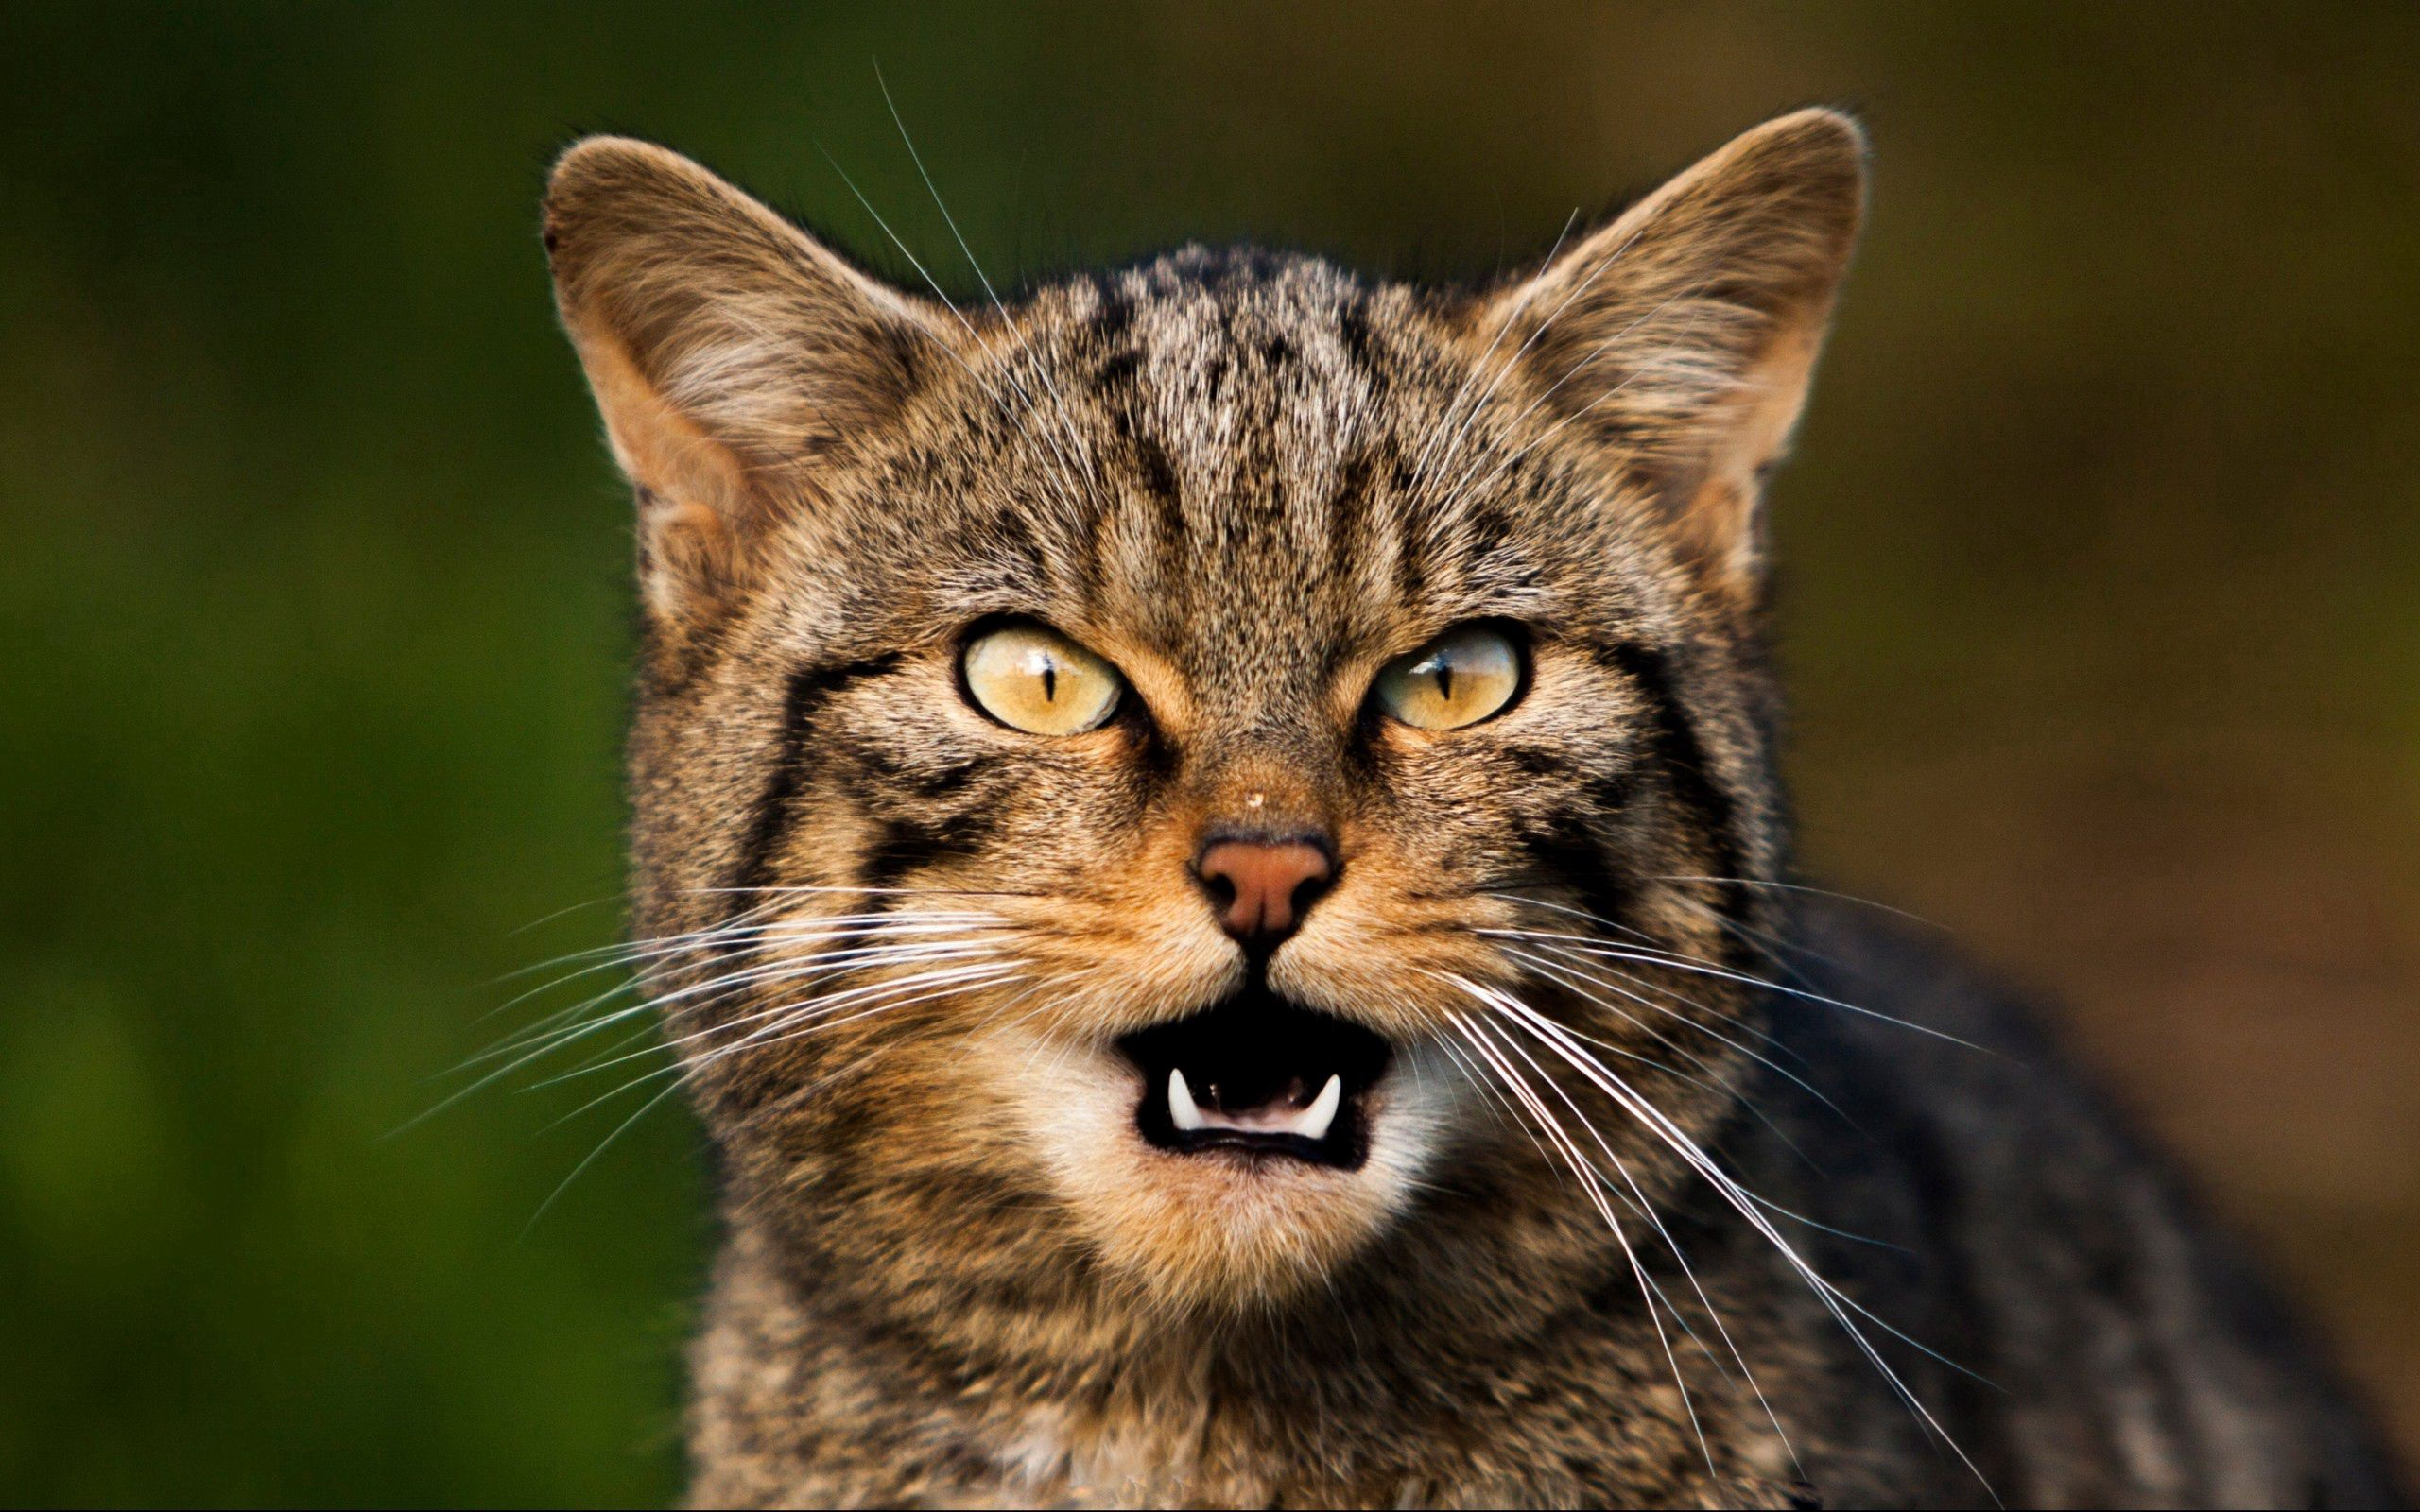 71014 Hintergrundbild herunterladen Tiere, Der Kater, Katze, Schnauze, Sicht, Meinung, Schnurrbart, Schrei, Weinen - Bildschirmschoner und Bilder kostenlos